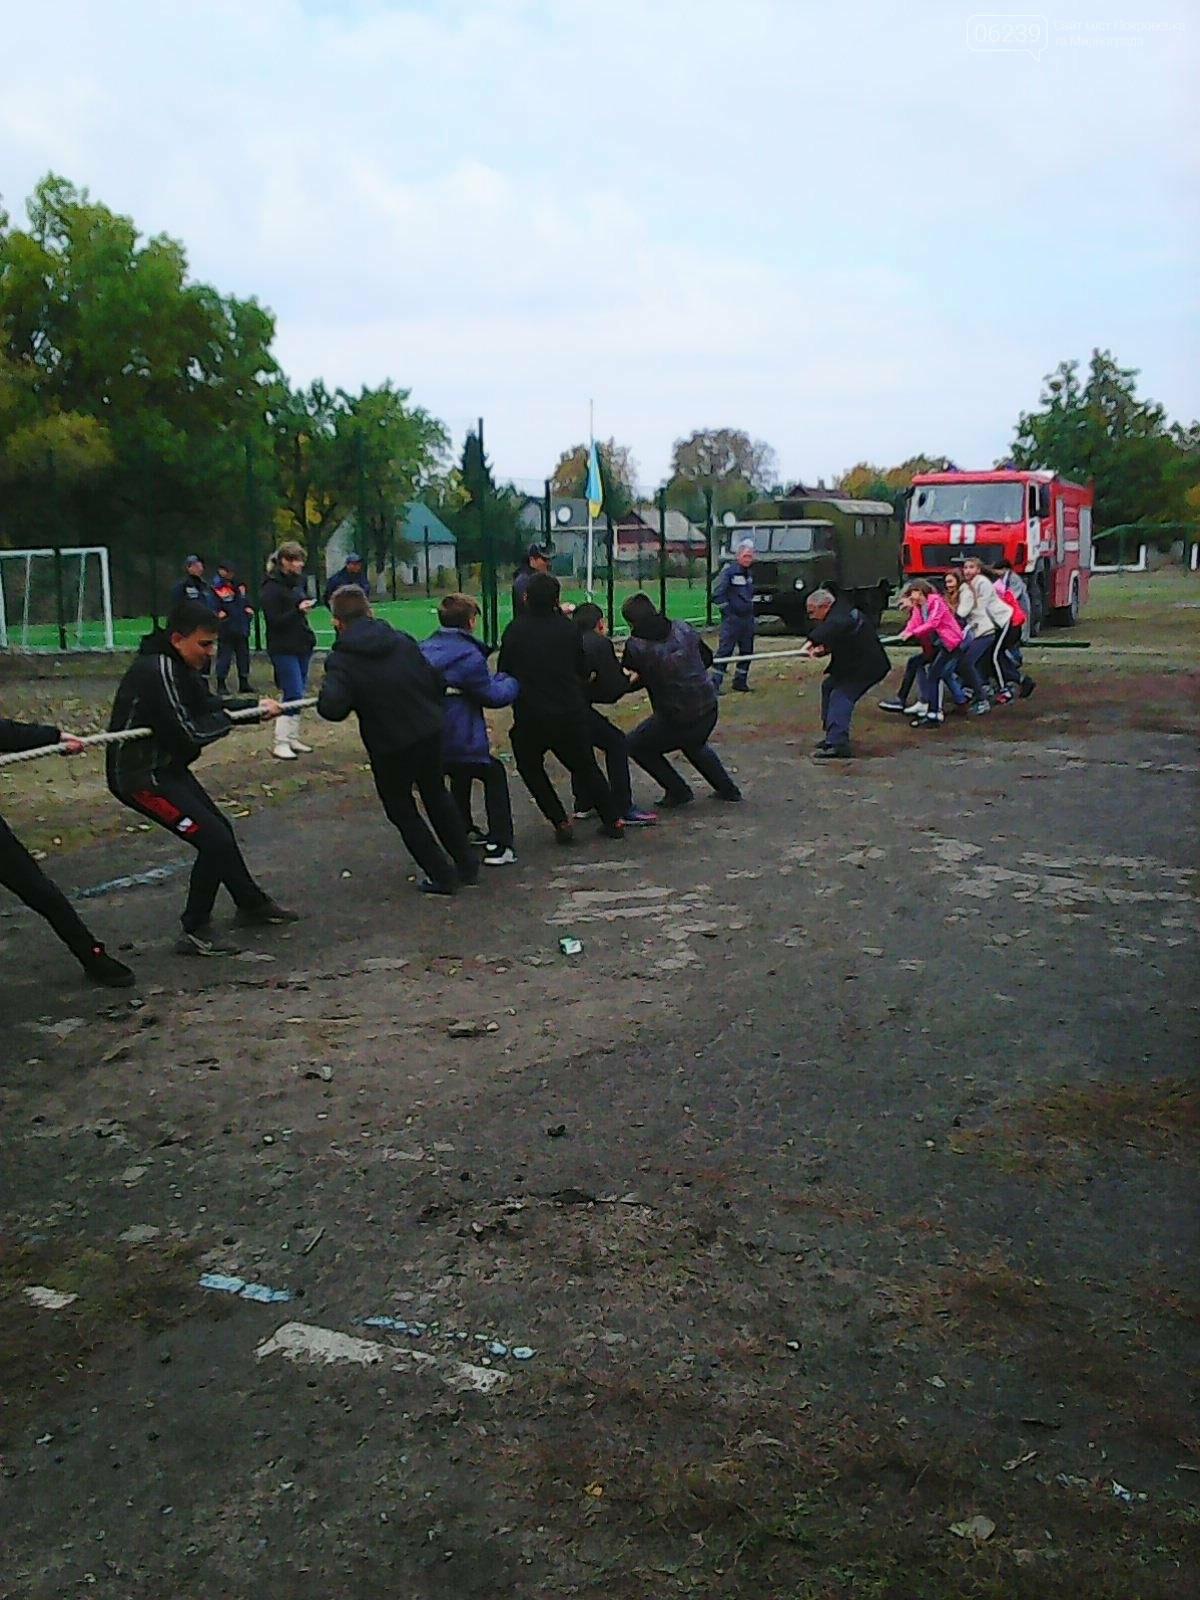 У Родинському пройшли змагання з армспорту, дартсу та перетягування канату, фото-3